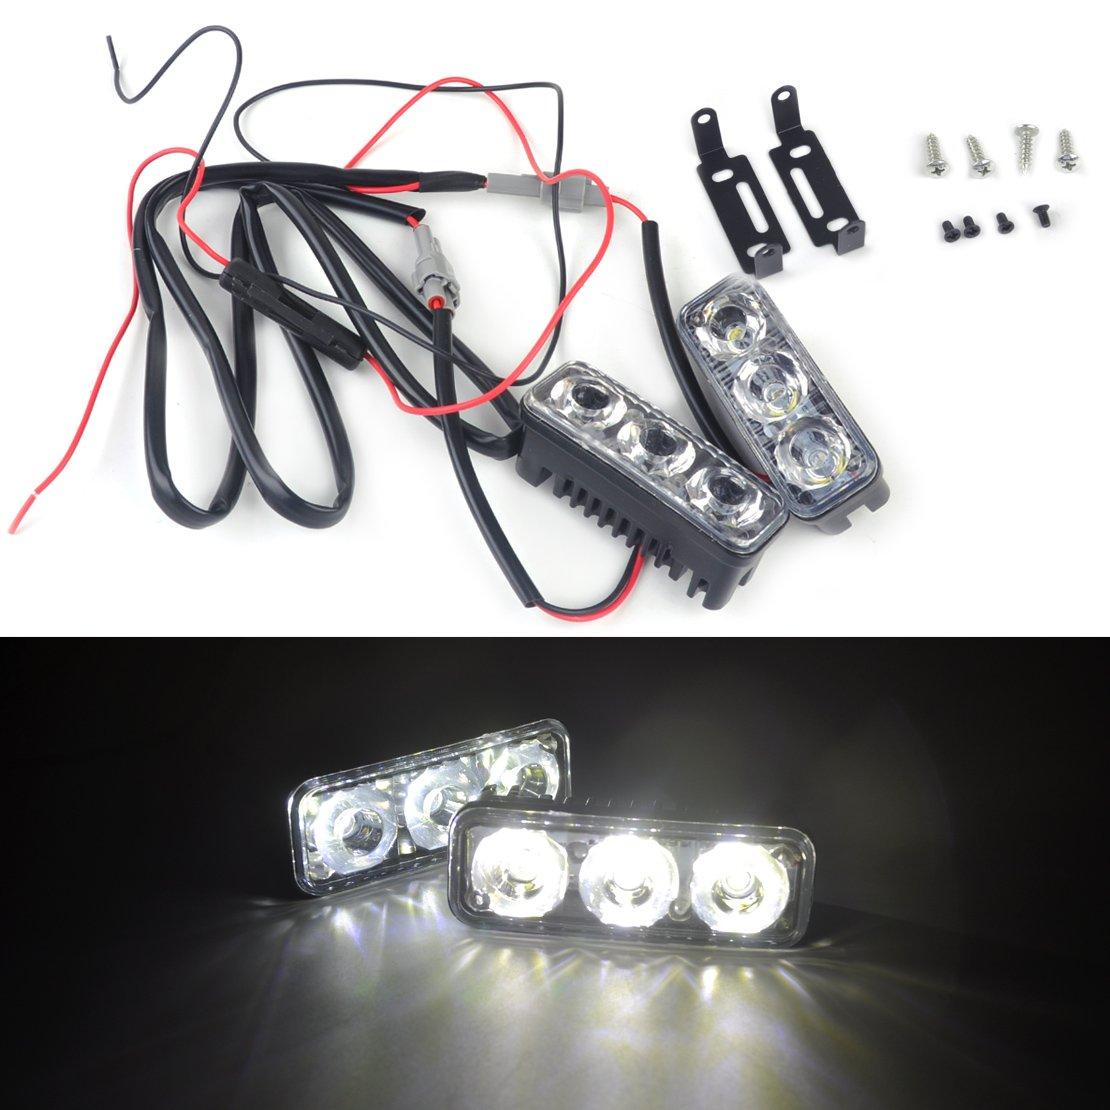 beler 2pcs 12V Universal Car 3 LED High Power White DRL Daytime Running Light Super Bright Driving Daylight Lamp Kit hermeshine